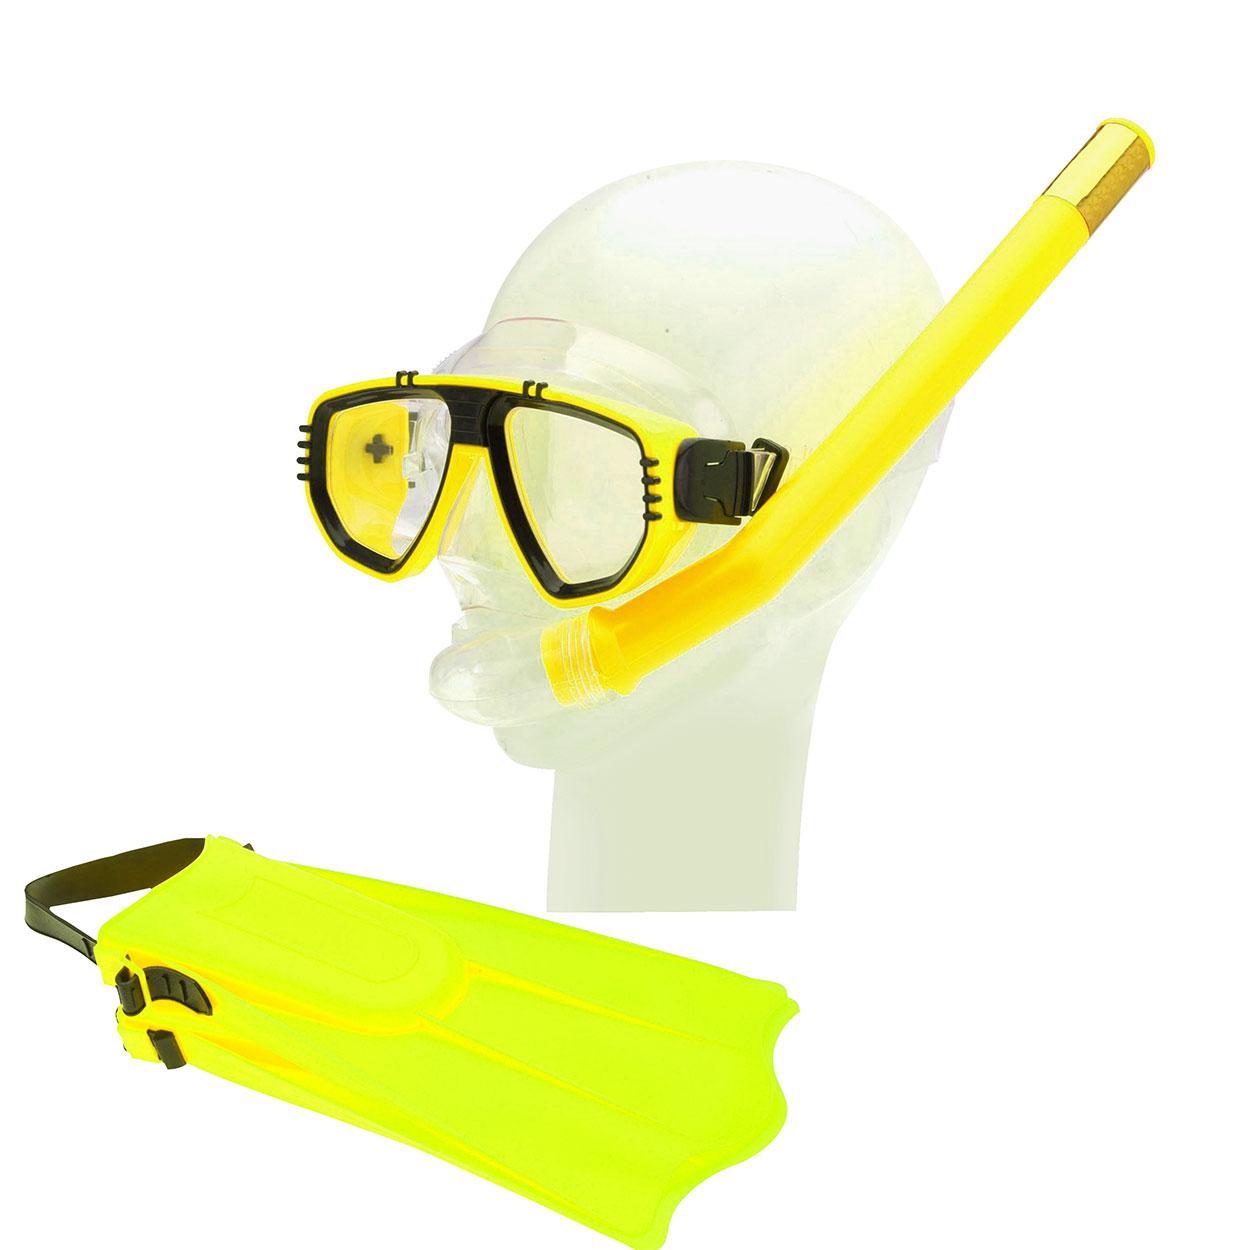 Billede af Snorkelsæt gul - Budget